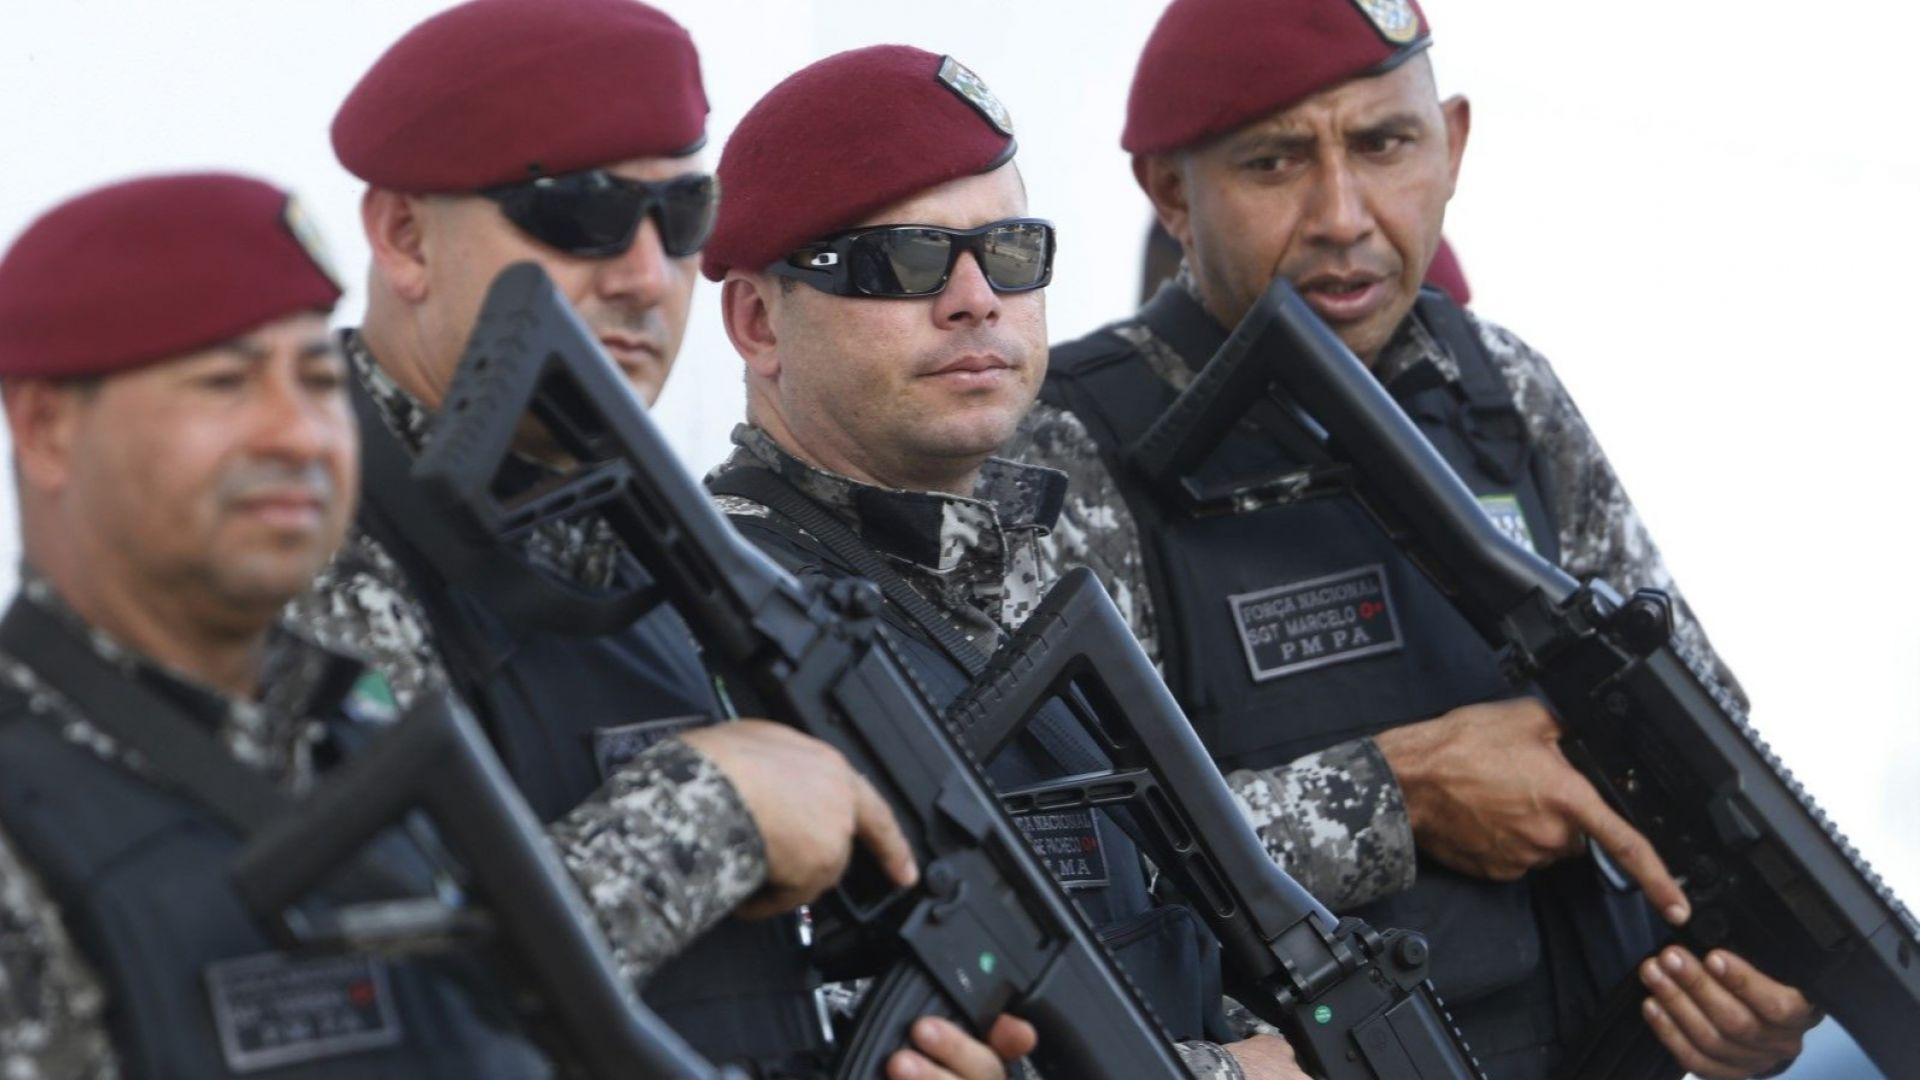 Световен лидер: 63 880 души убити в Бразилия миналата година